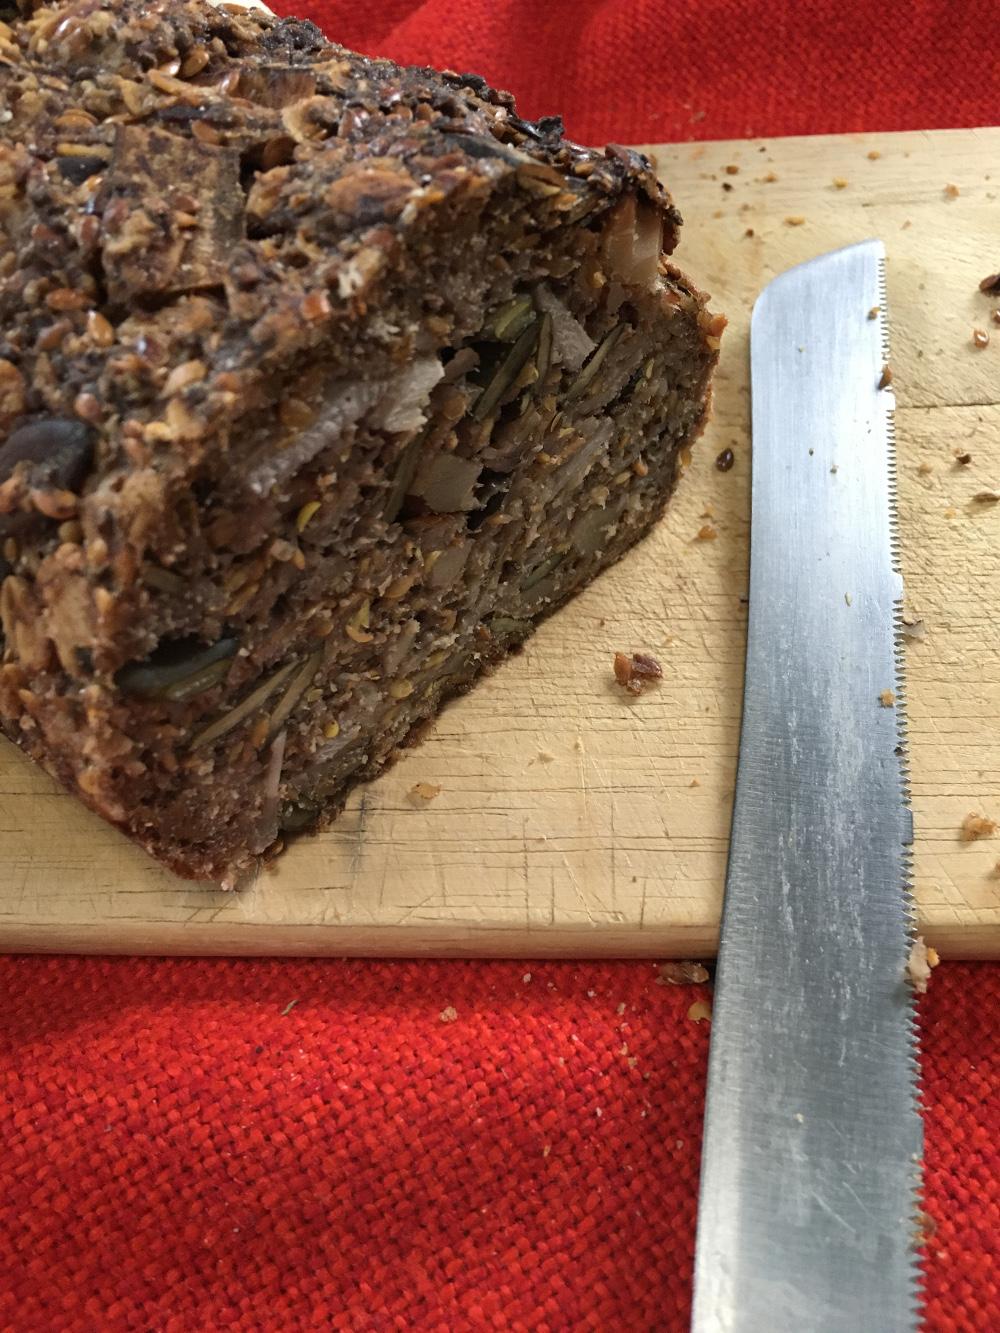 Dunkles Körnerbrot auf Holzbrett auf rotem Tischtuch, rechts ein Brotmesser parallel zum rechten Bildrand